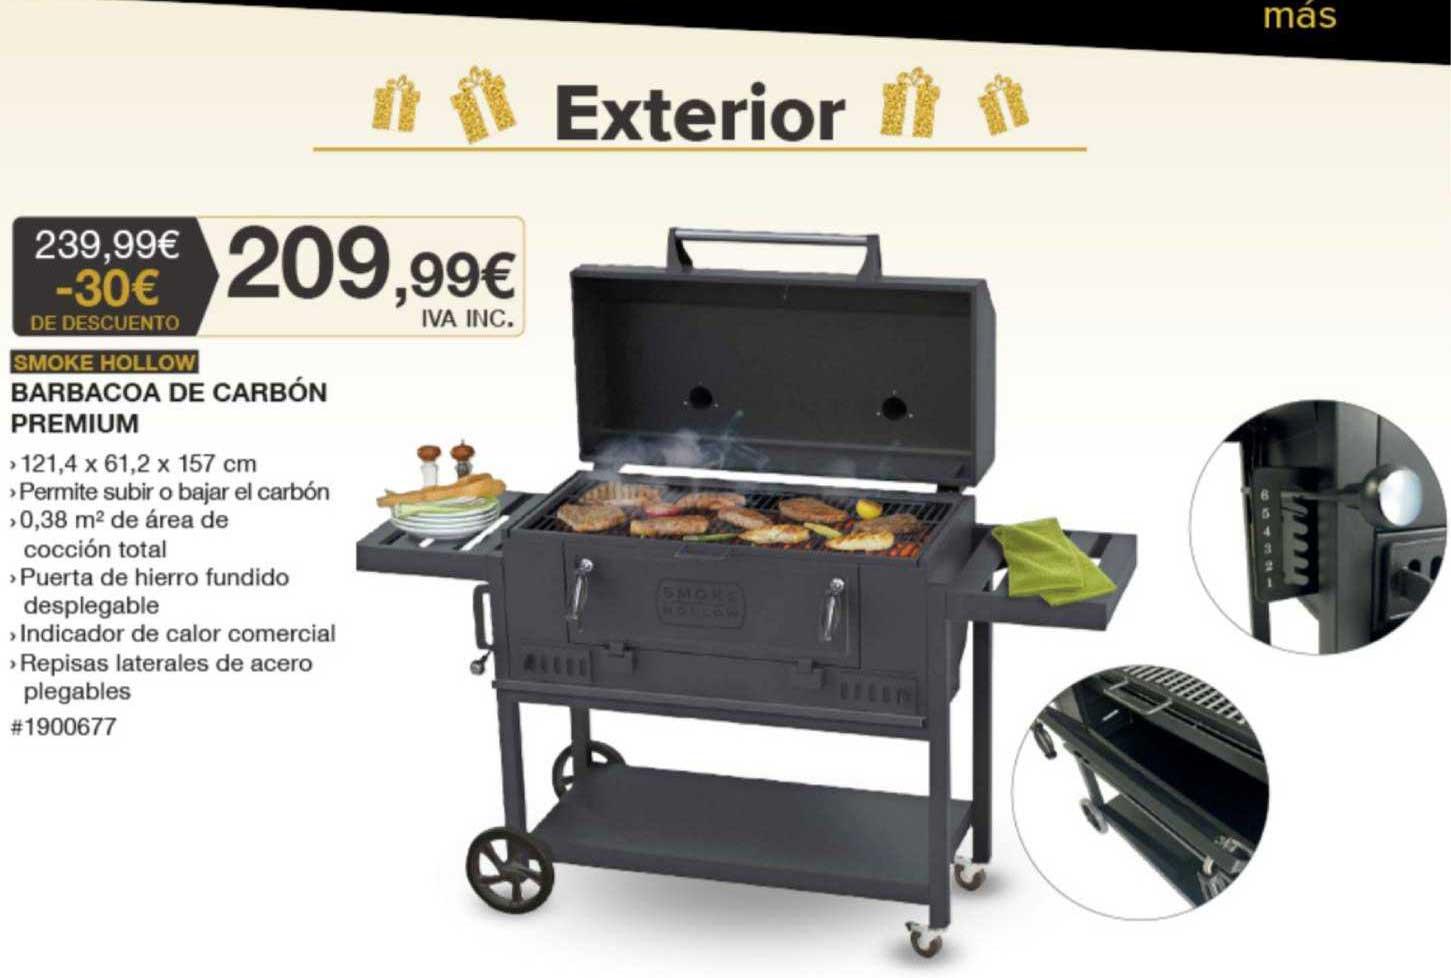 Costco -30€ De Descuento Smoke Hollow Barbacoa De Carbón Premium